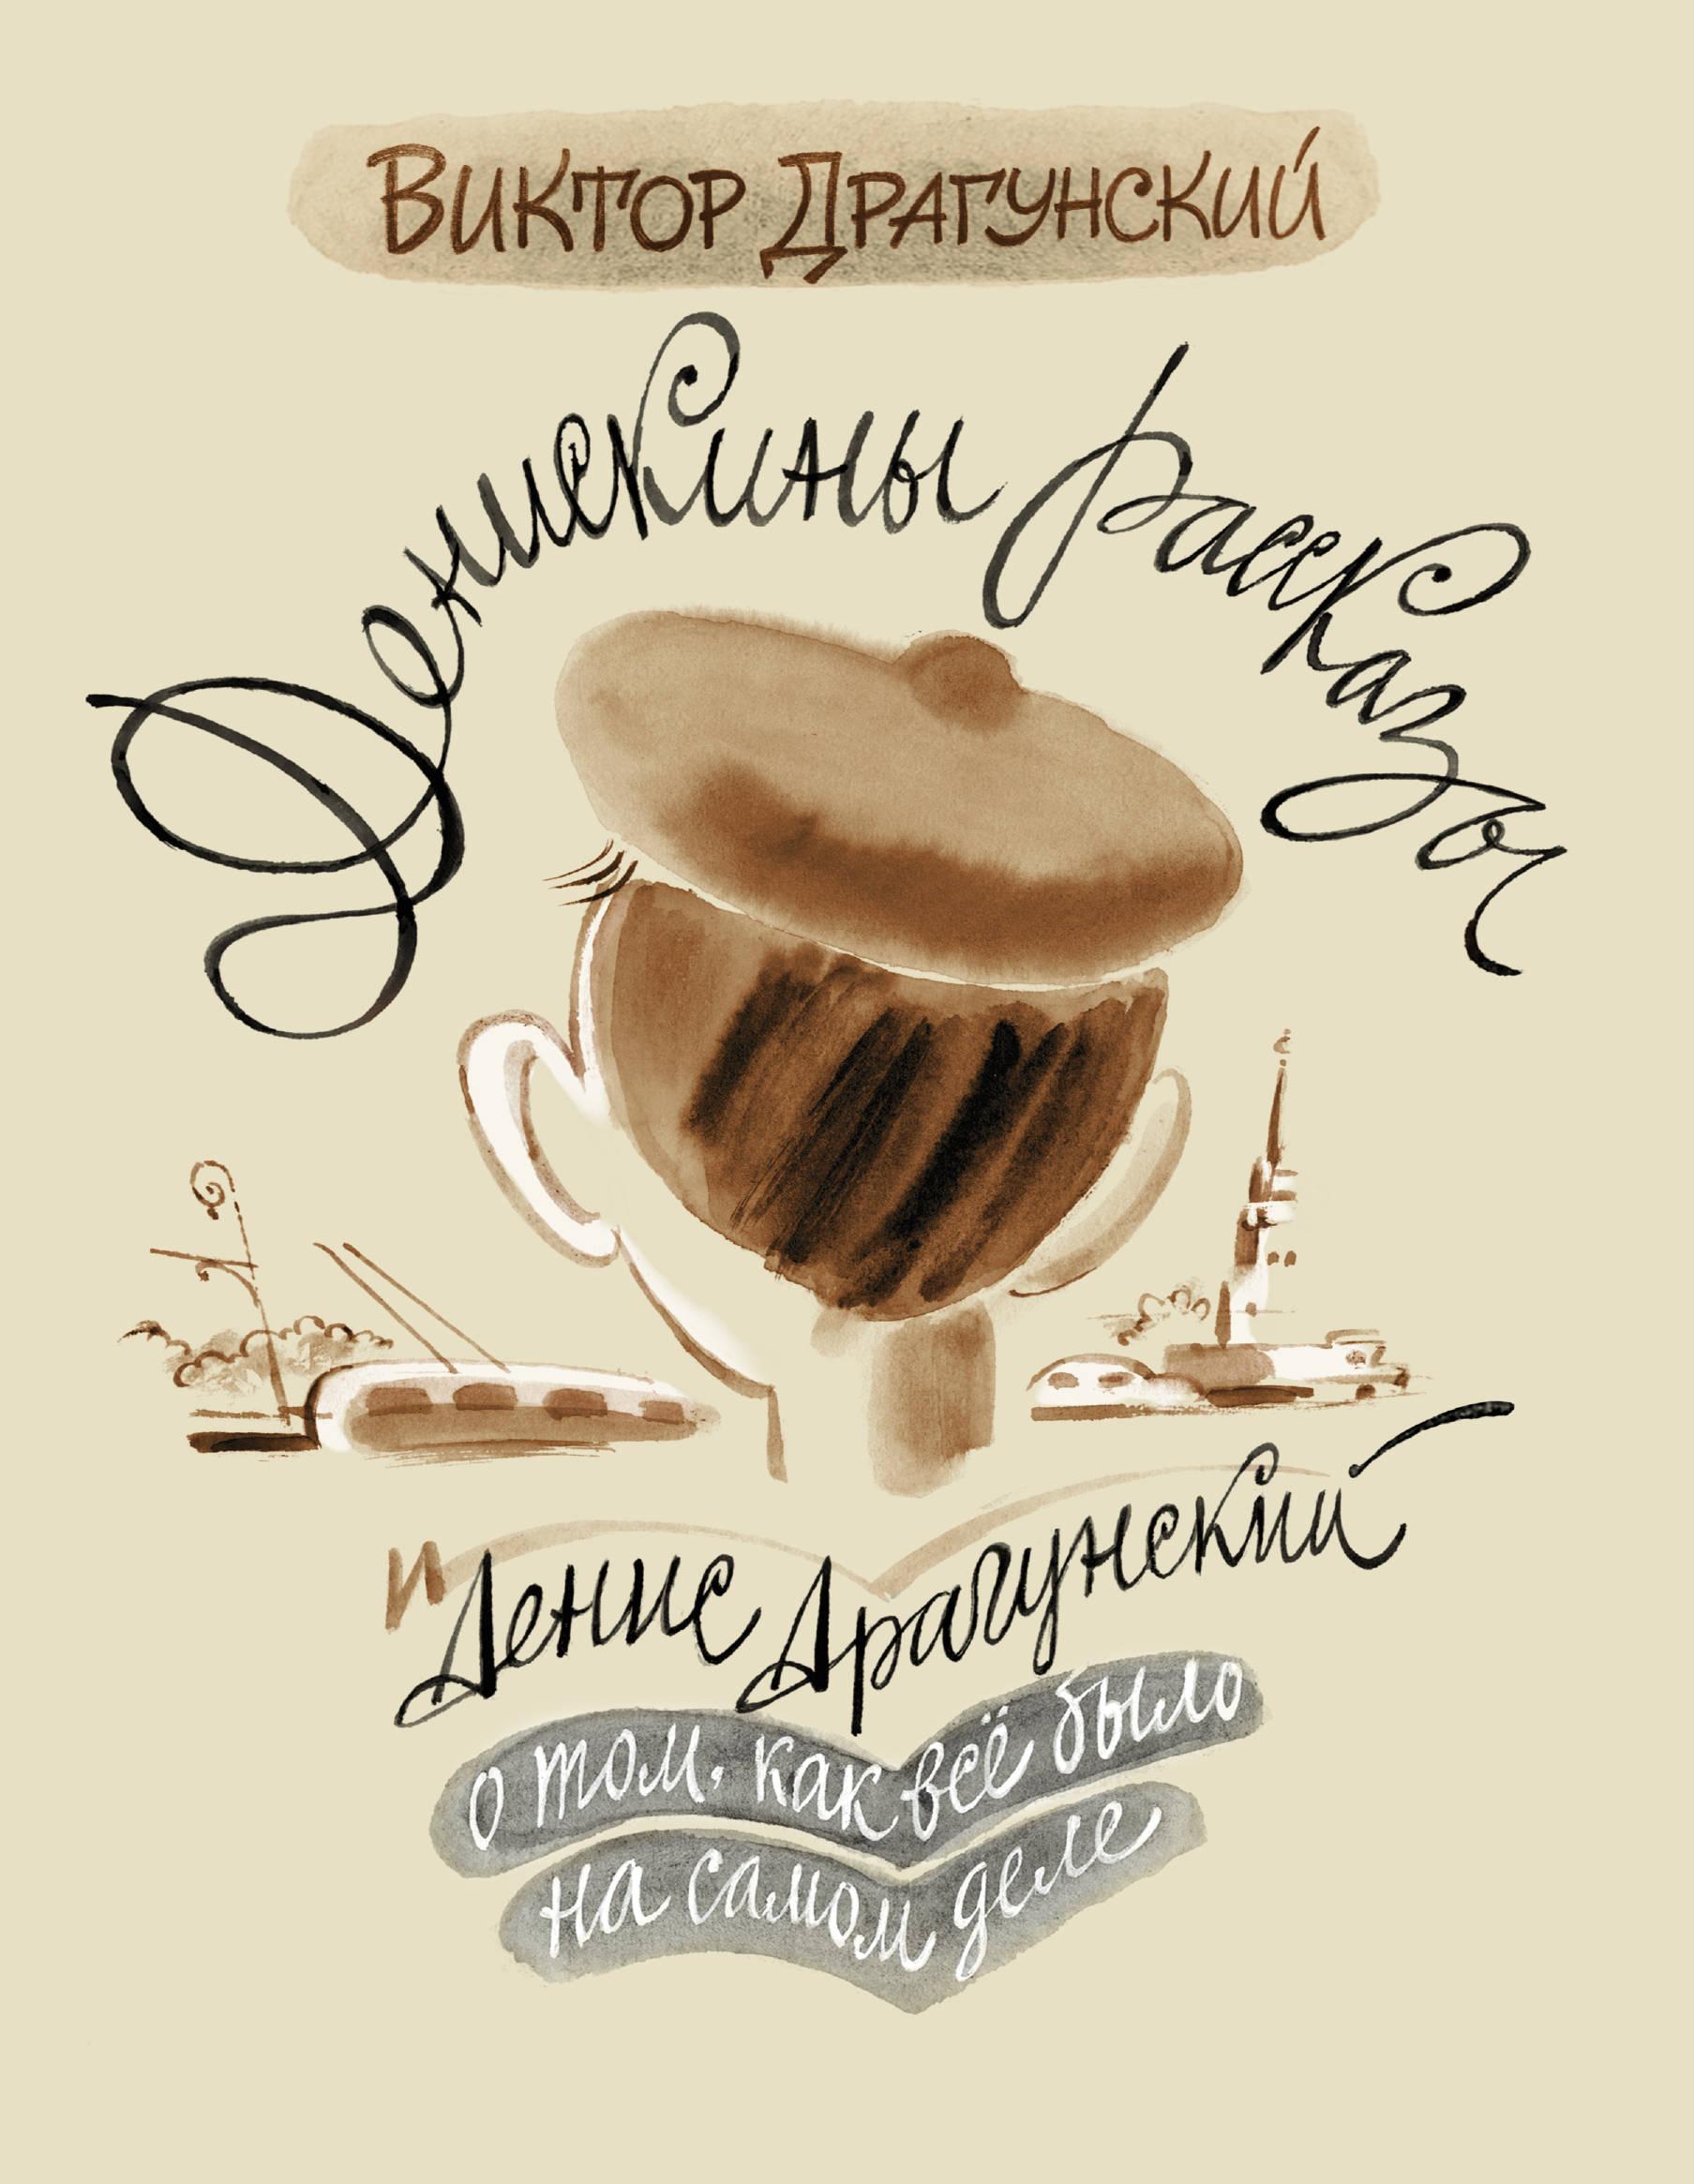 Виктор Драгунский, Денис Драгунский Денискины рассказы. О том, как всё было на самом деле